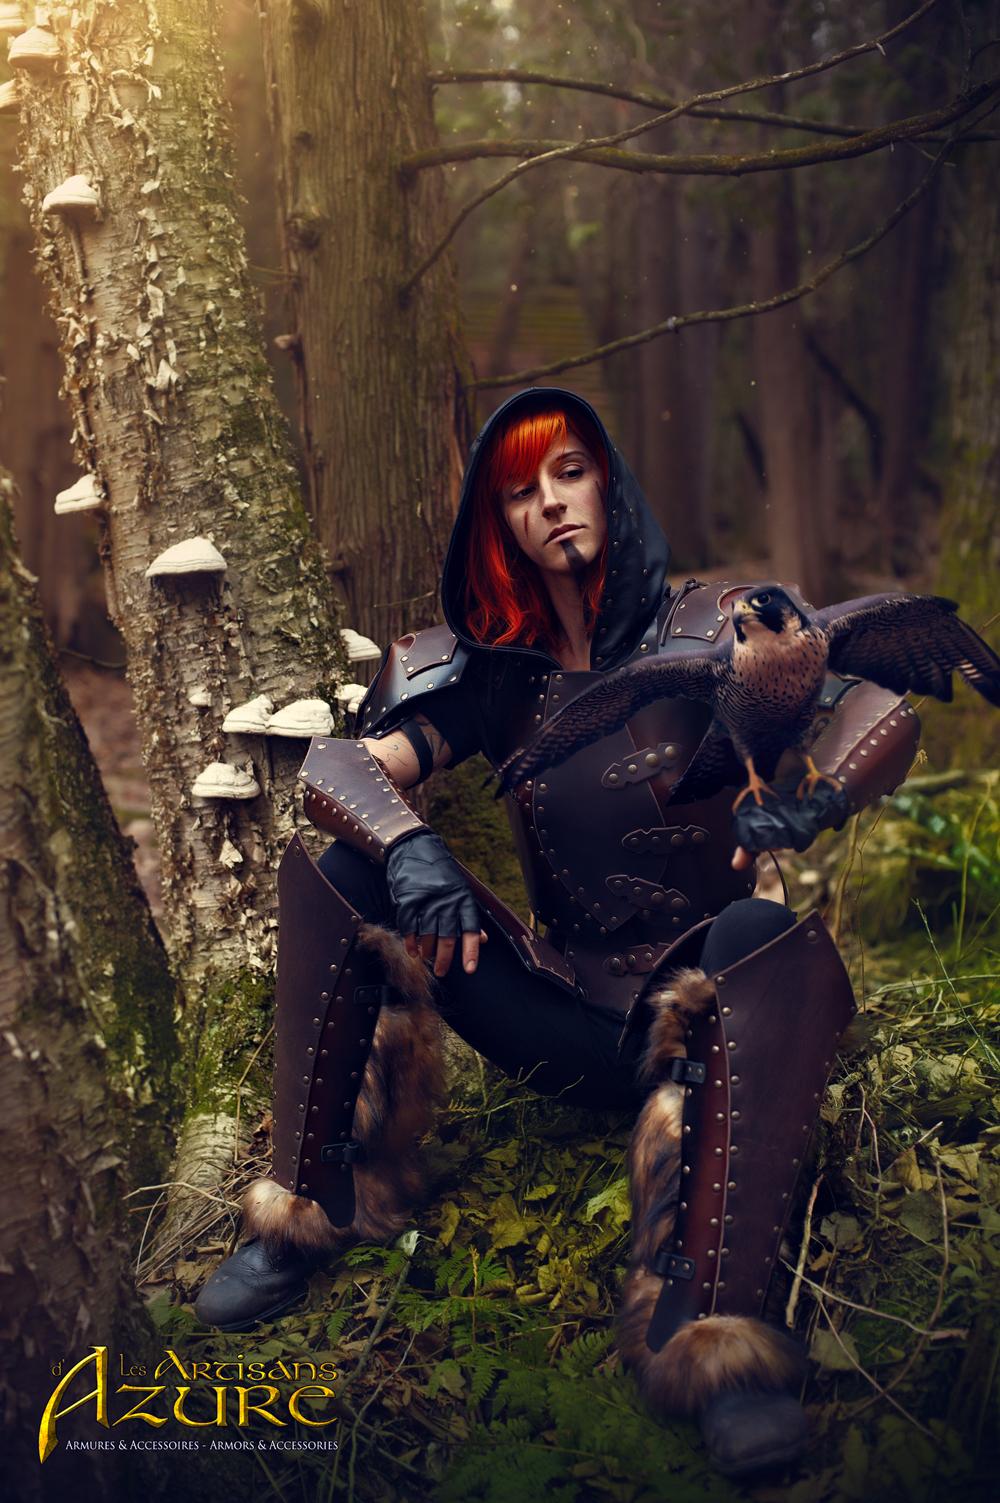 Outlaw armor 3 by ArtisansdAzure